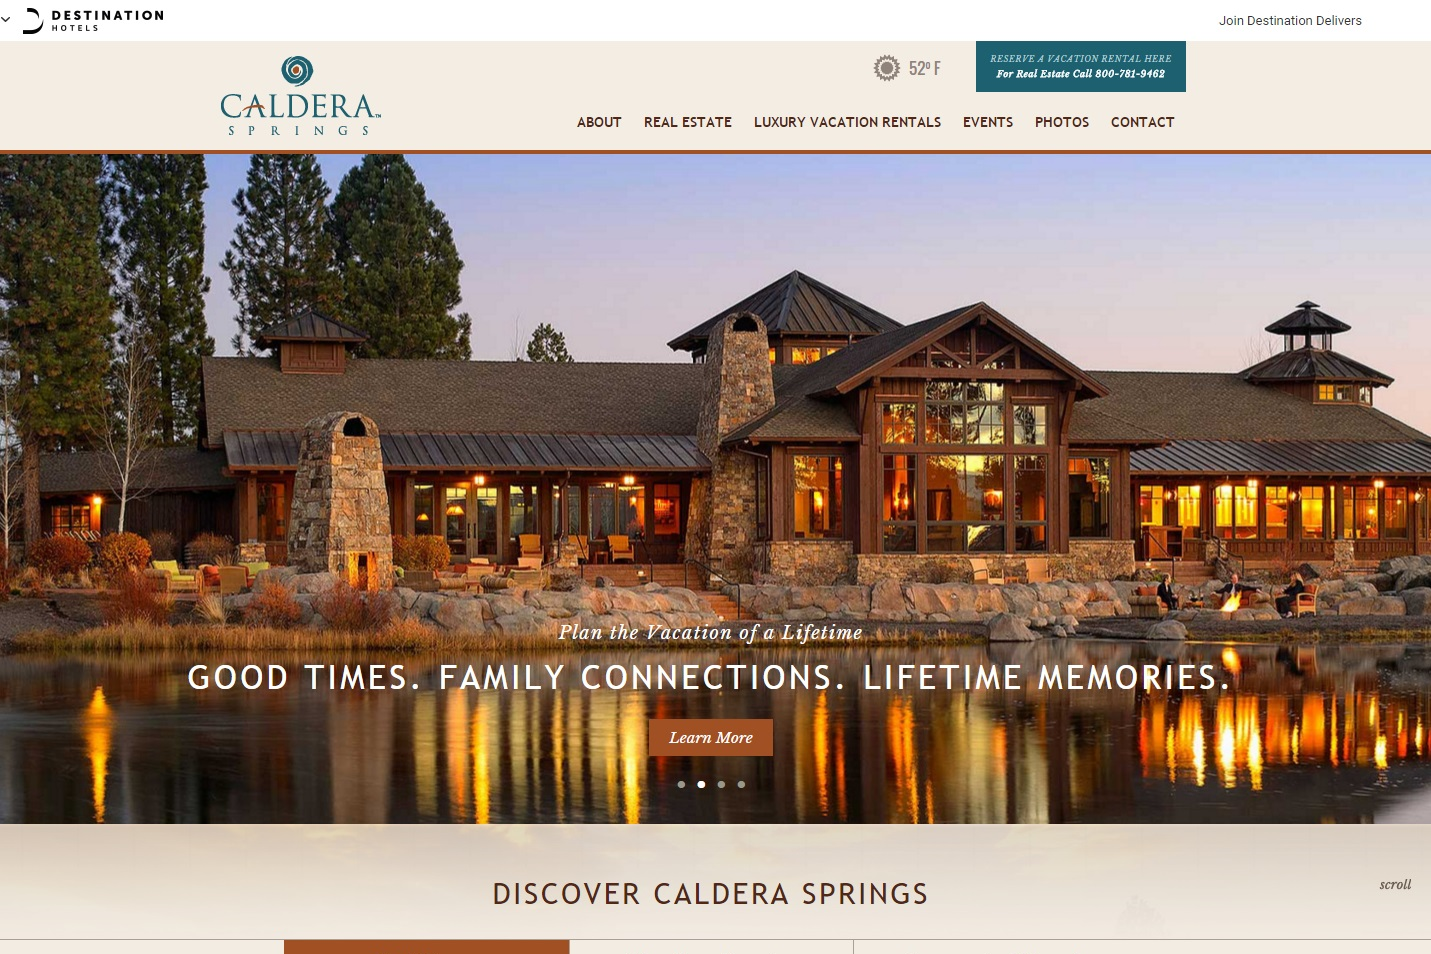 Caldera Springs